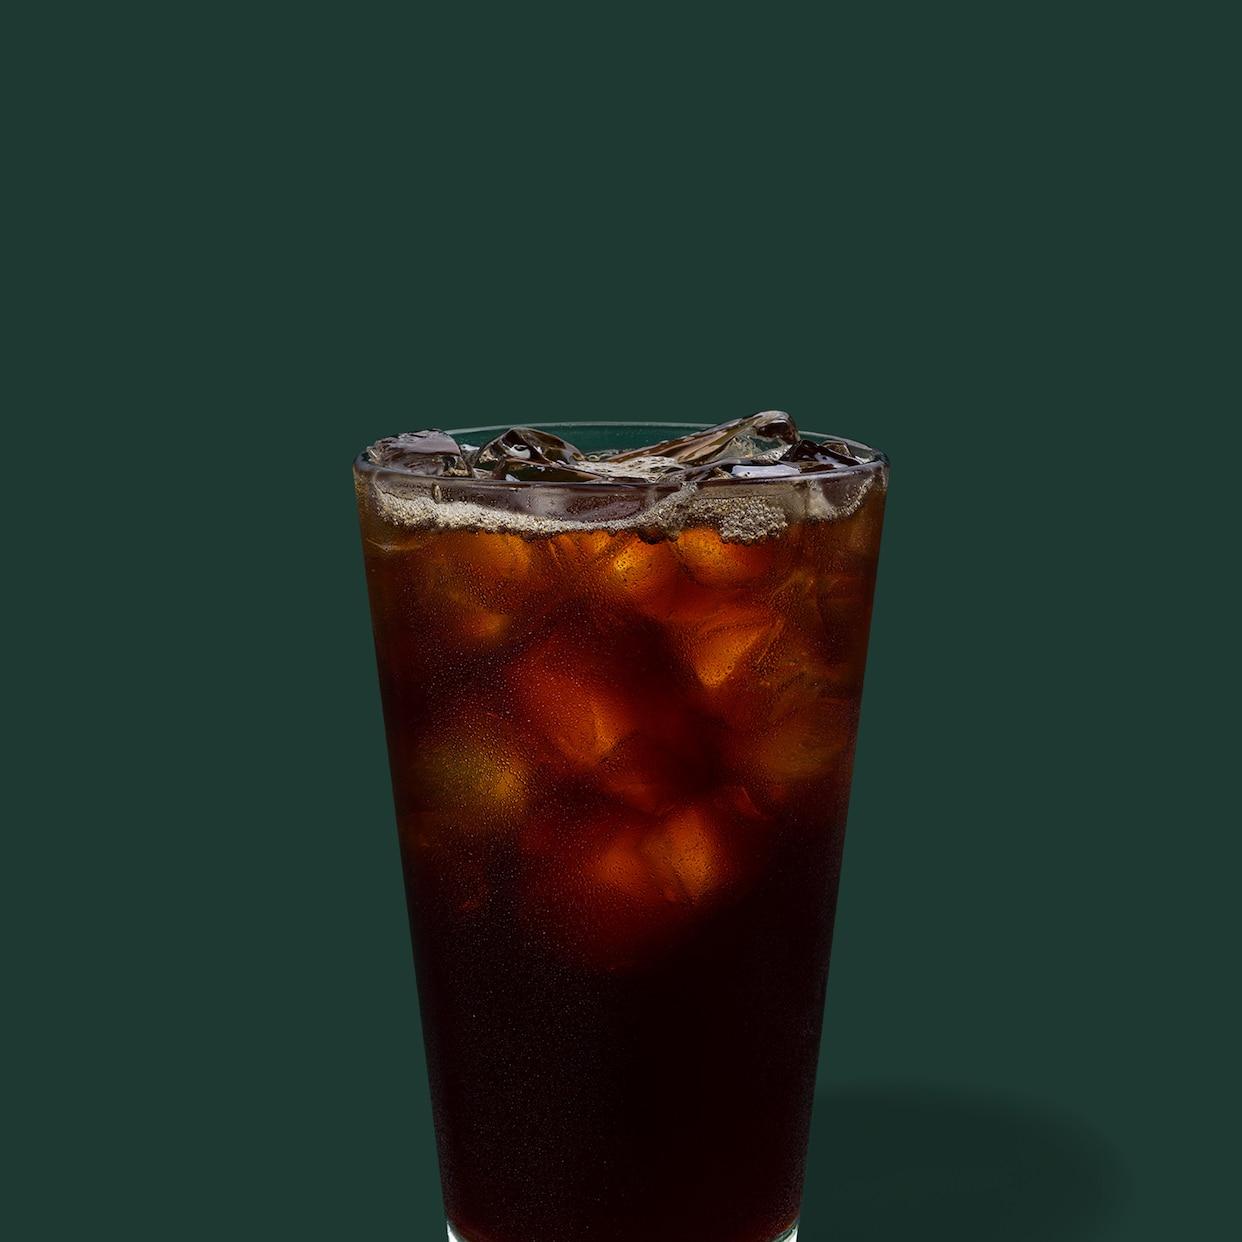 Iced Coffee: Starbucks Coffee Company